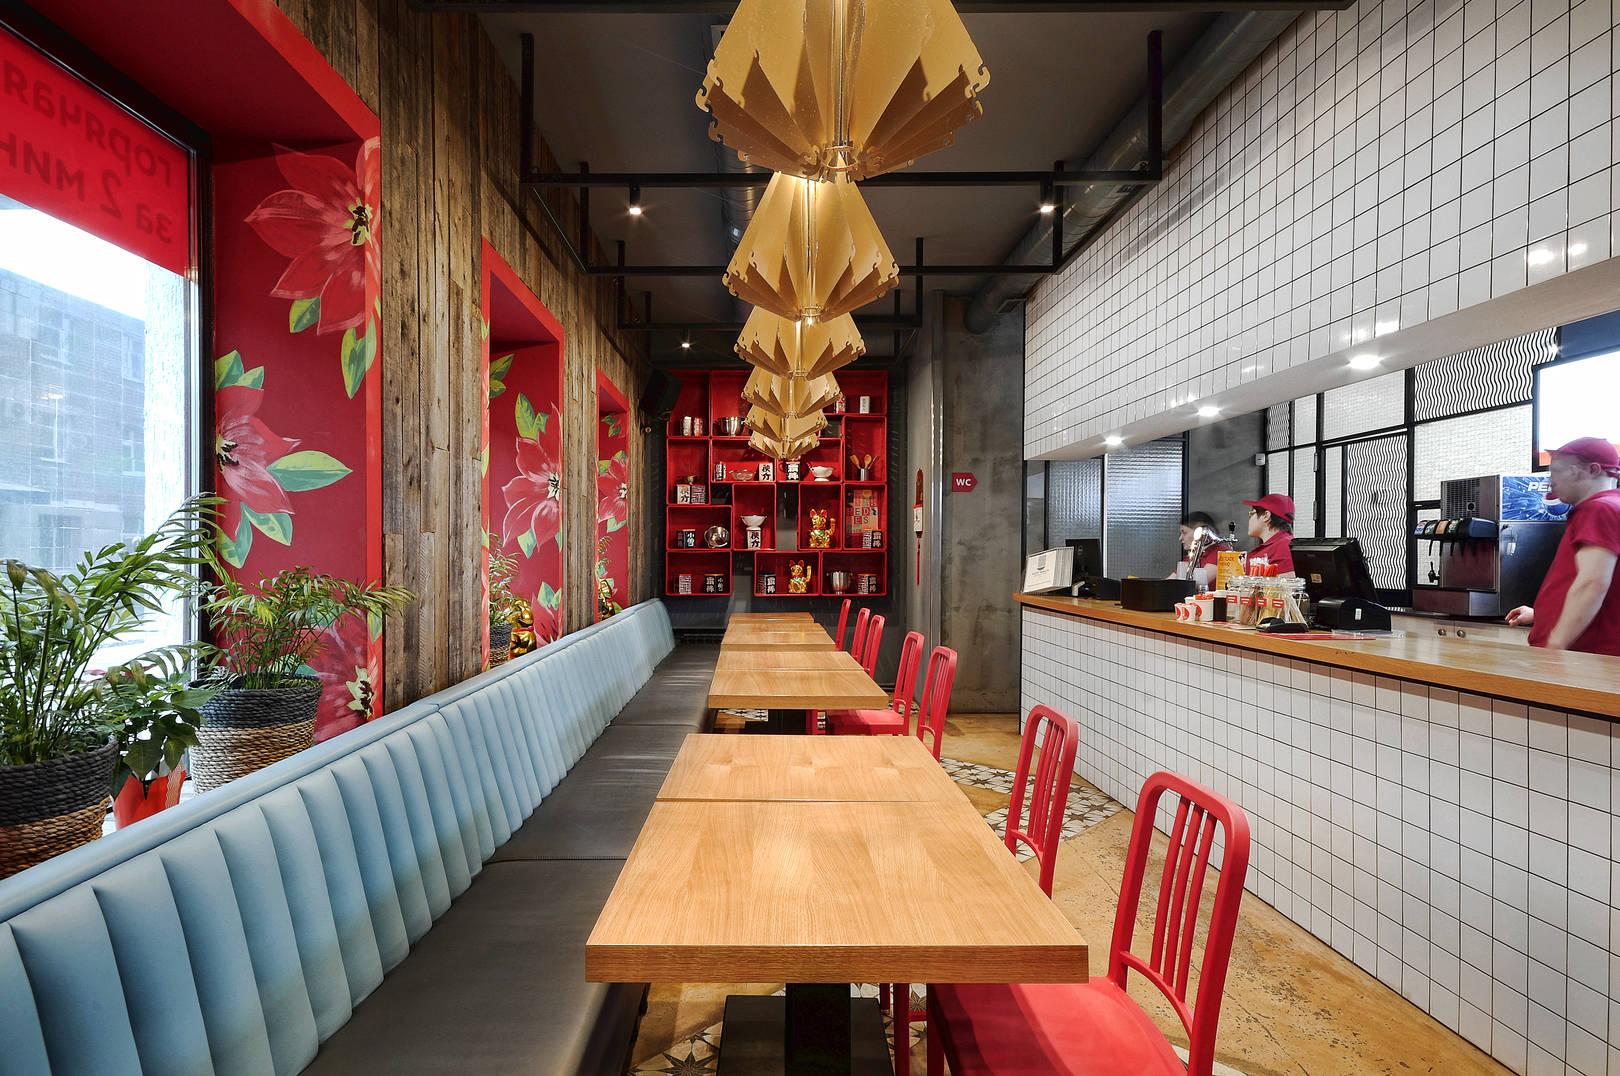 Синефа выполнена в том же виде что и кухонная стойка. Таким образом кухня выделена как самостоятельный элемент интерьера, дополненная белой керамикой.